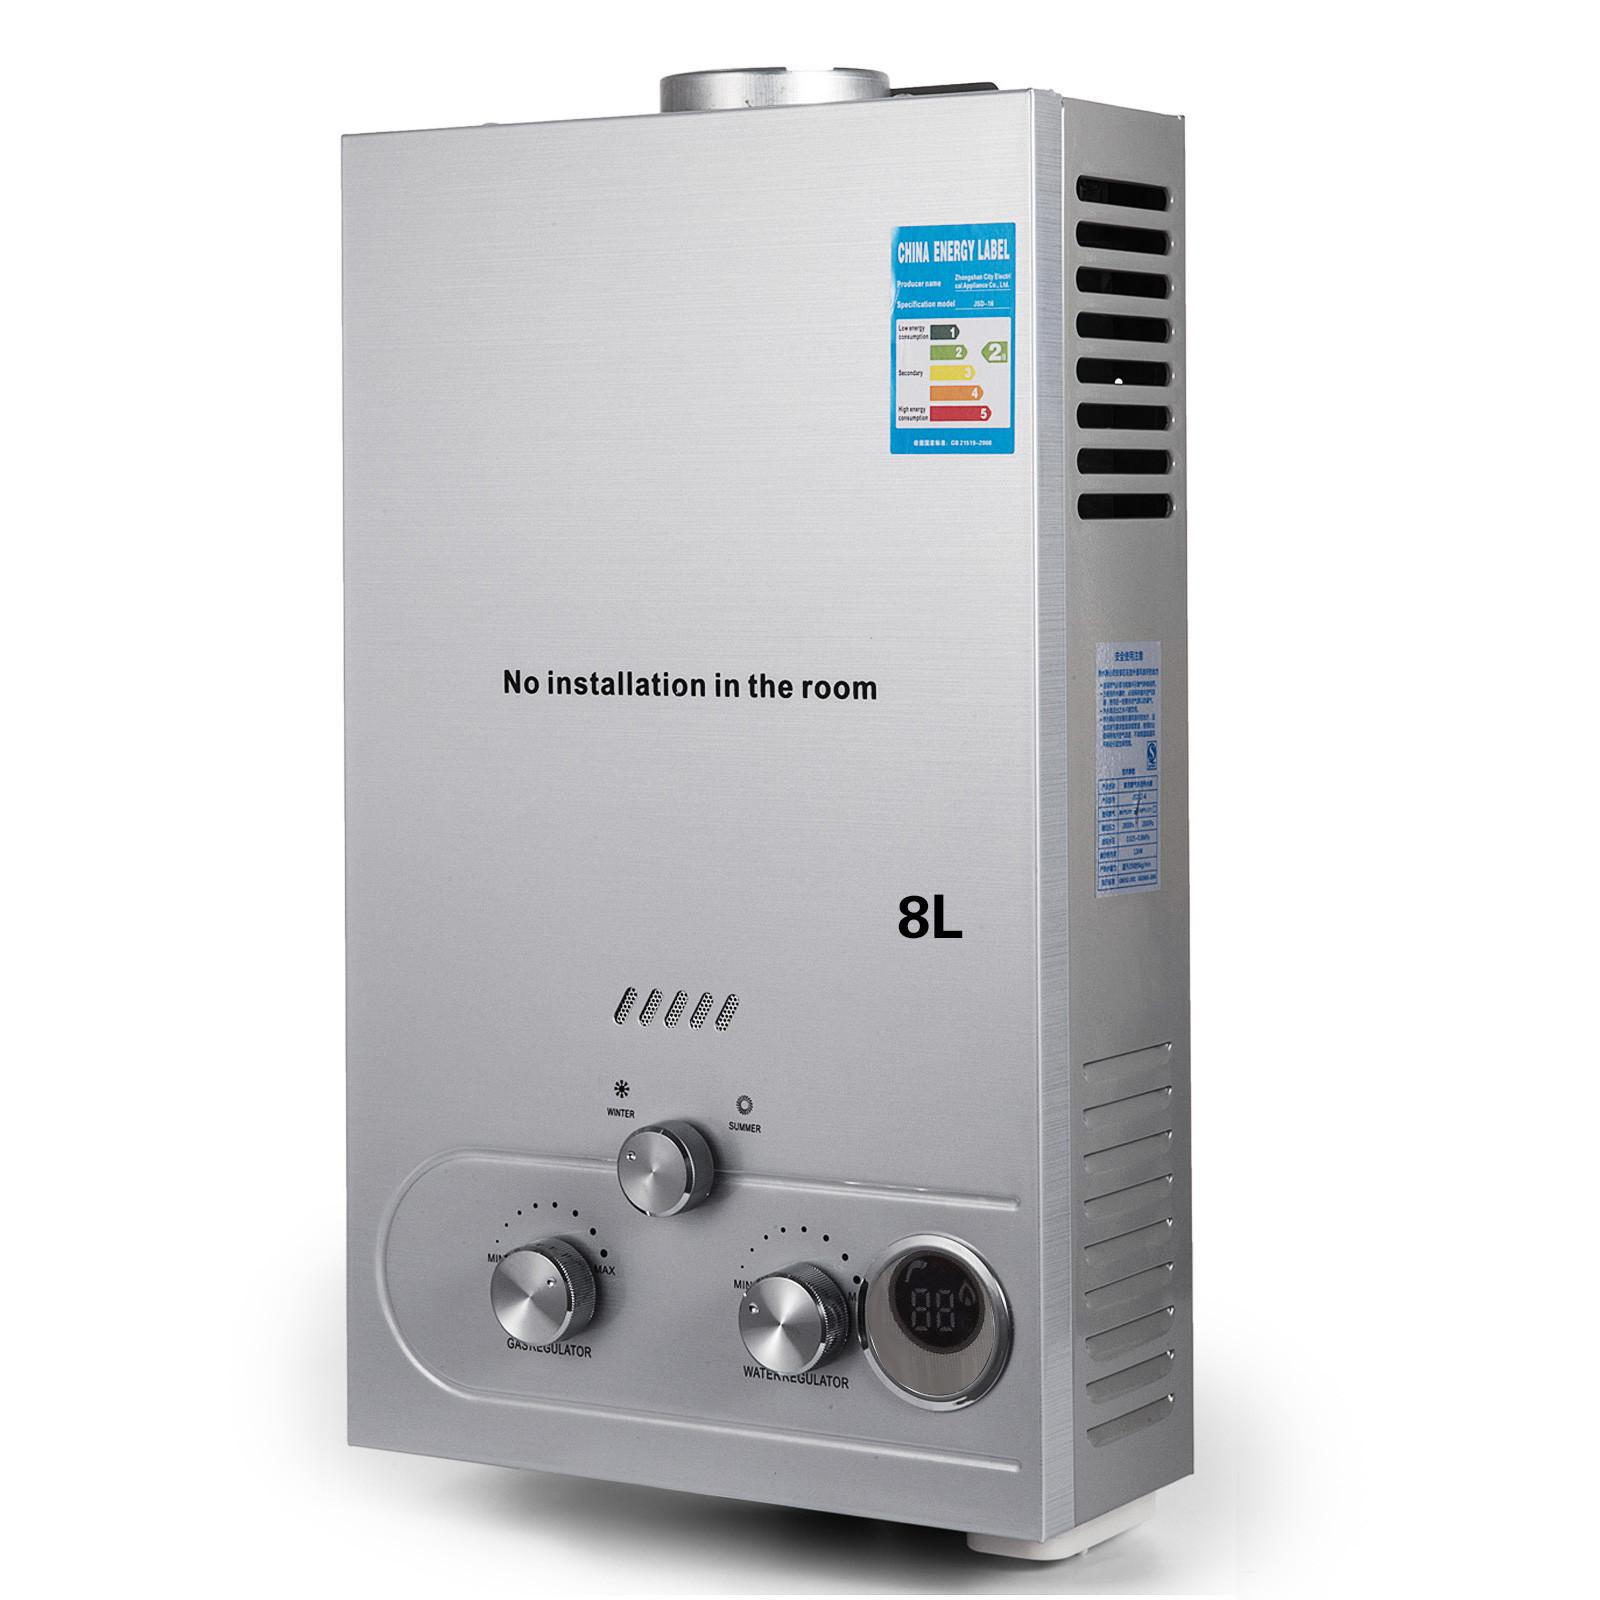 Propangas-Gas-Durchlauferhitzer-Warmwasserbereiter-Boiler-Warmwasserspeicher Indexbild 39